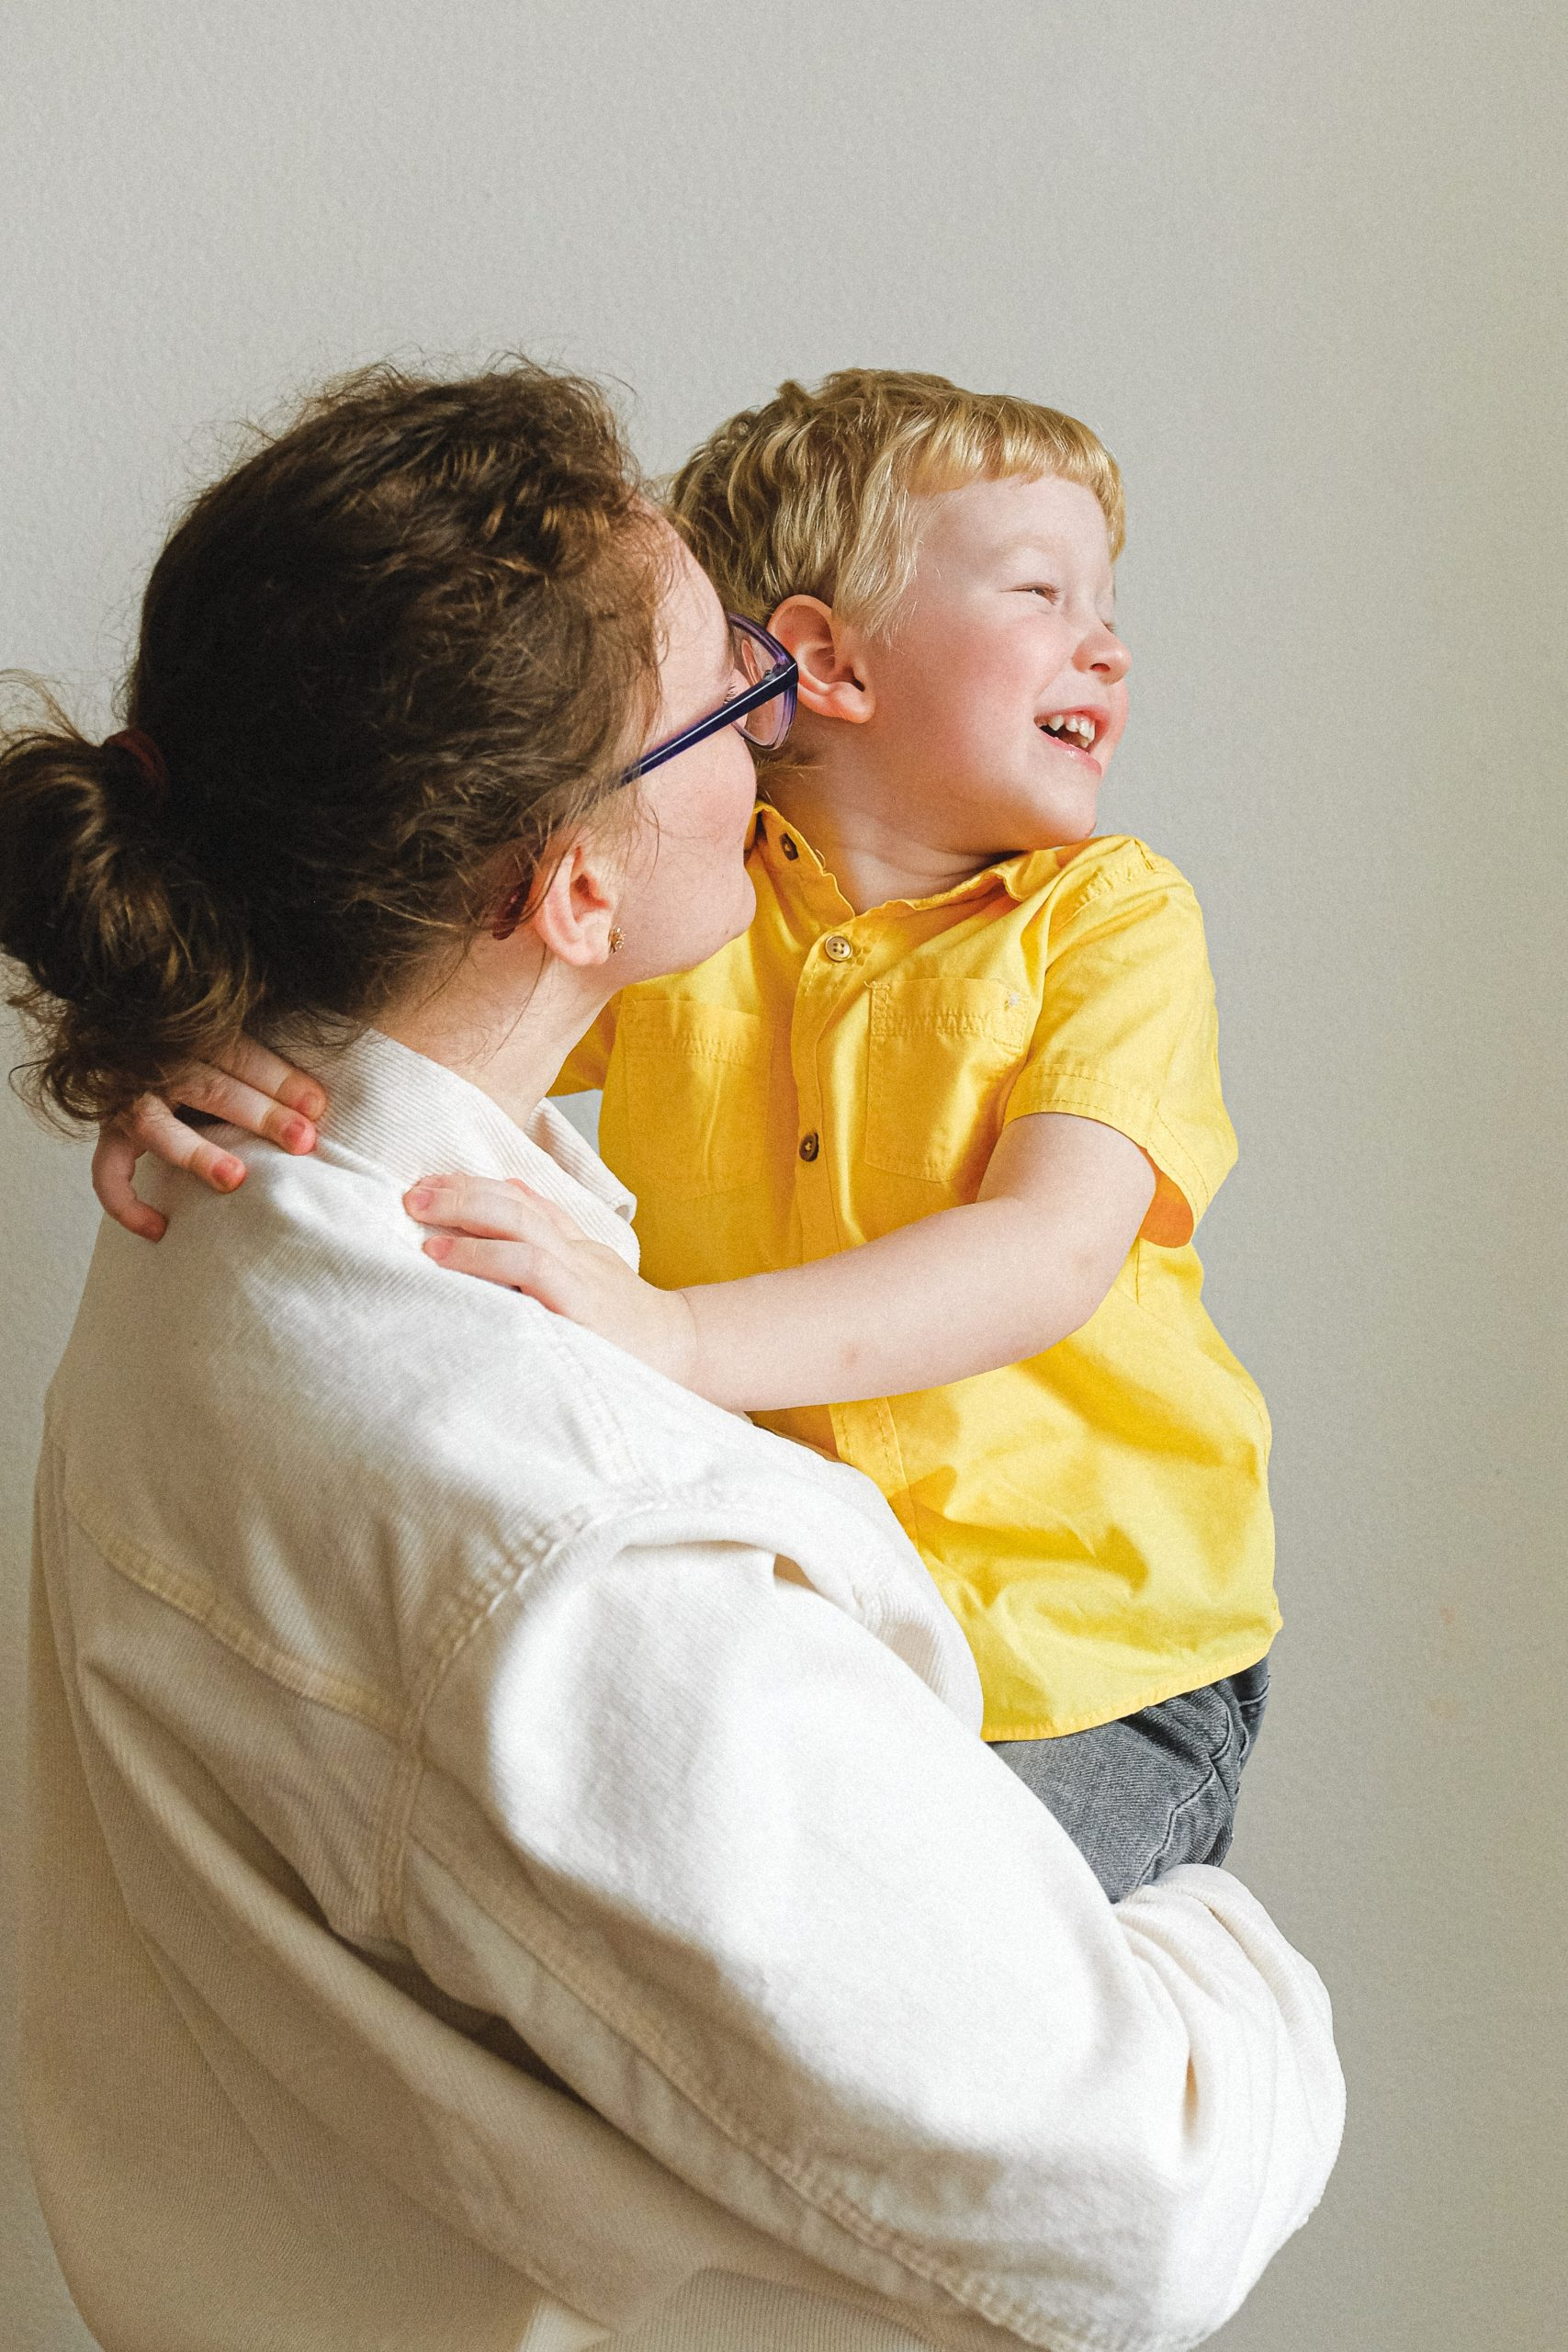 woman-carrying-boy-wearing-yellow-polo-shirt-3905790